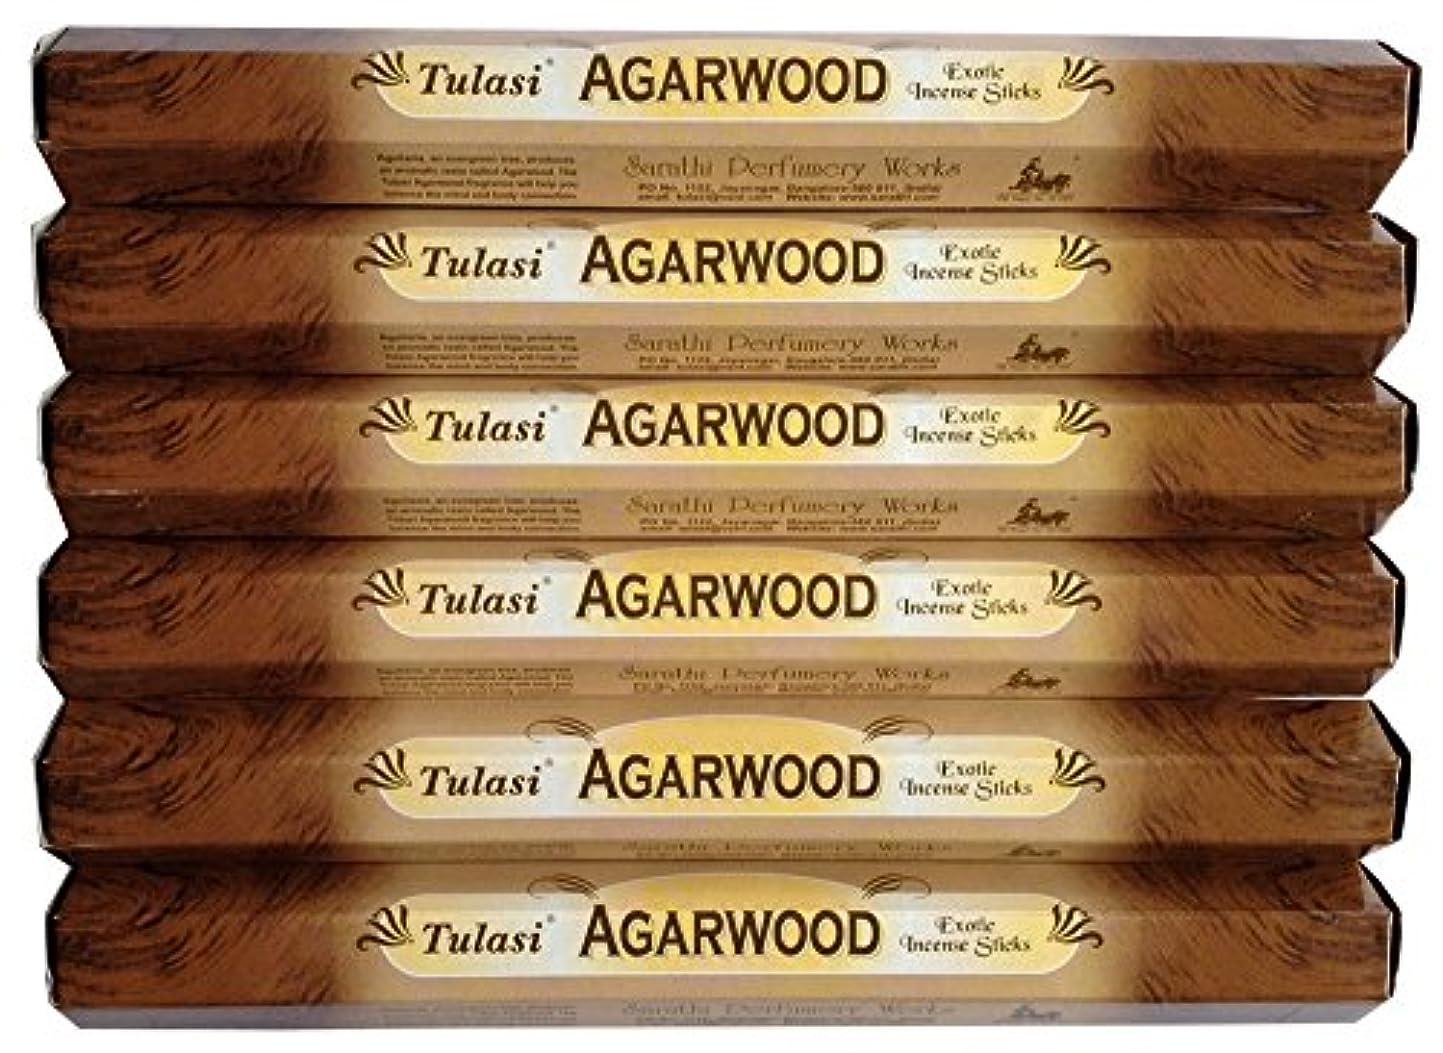 思春期艶下にトゥラシ アガーウッド 6個セット